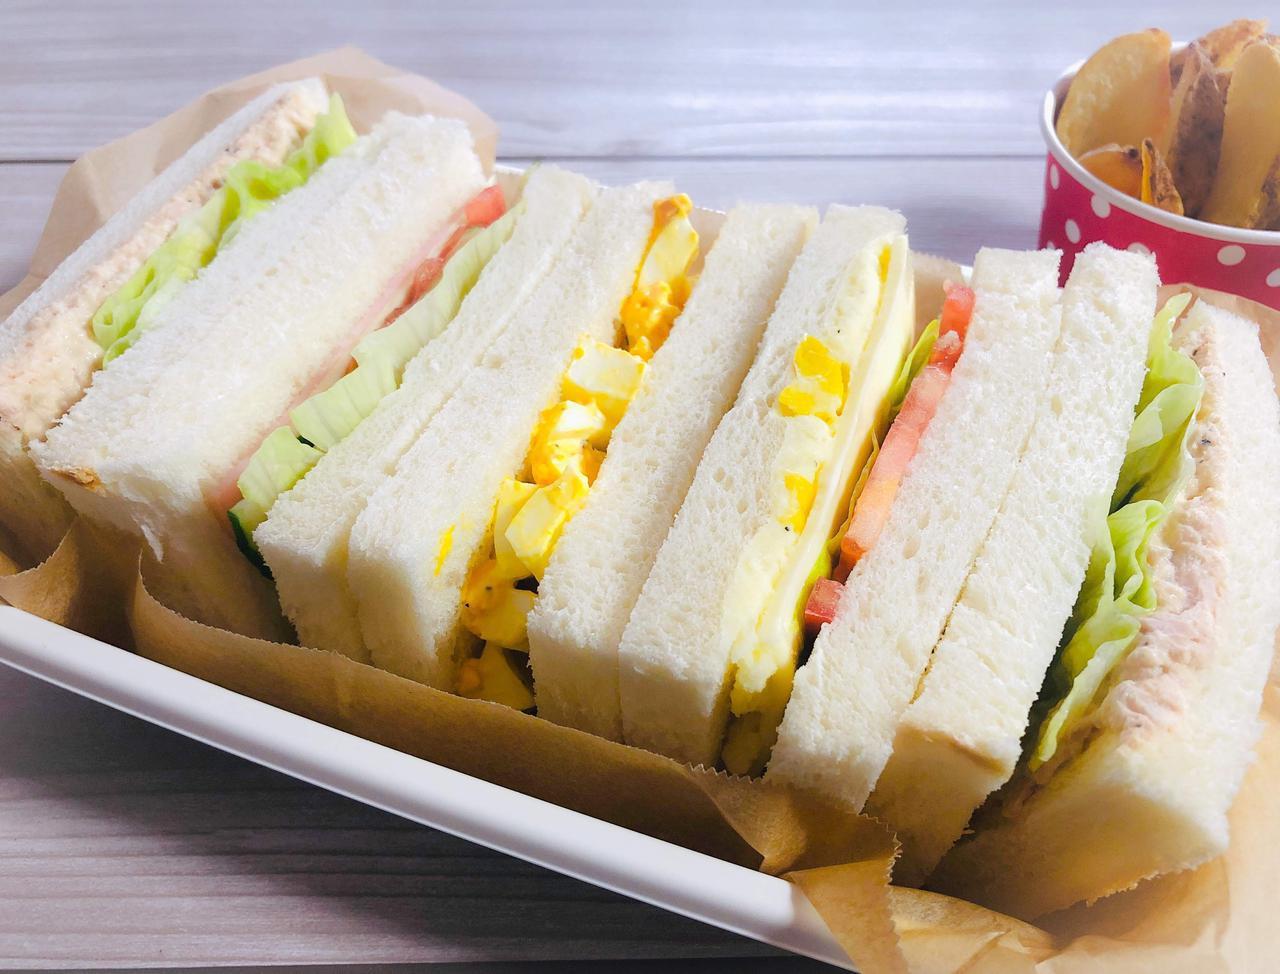 画像: 【ピクニックにおすすめ】超簡単&おいしいサンドイッチレシピ5選! 人気具材ですぐ作れるお手軽レシピ - ハピキャン(HAPPY CAMPER)